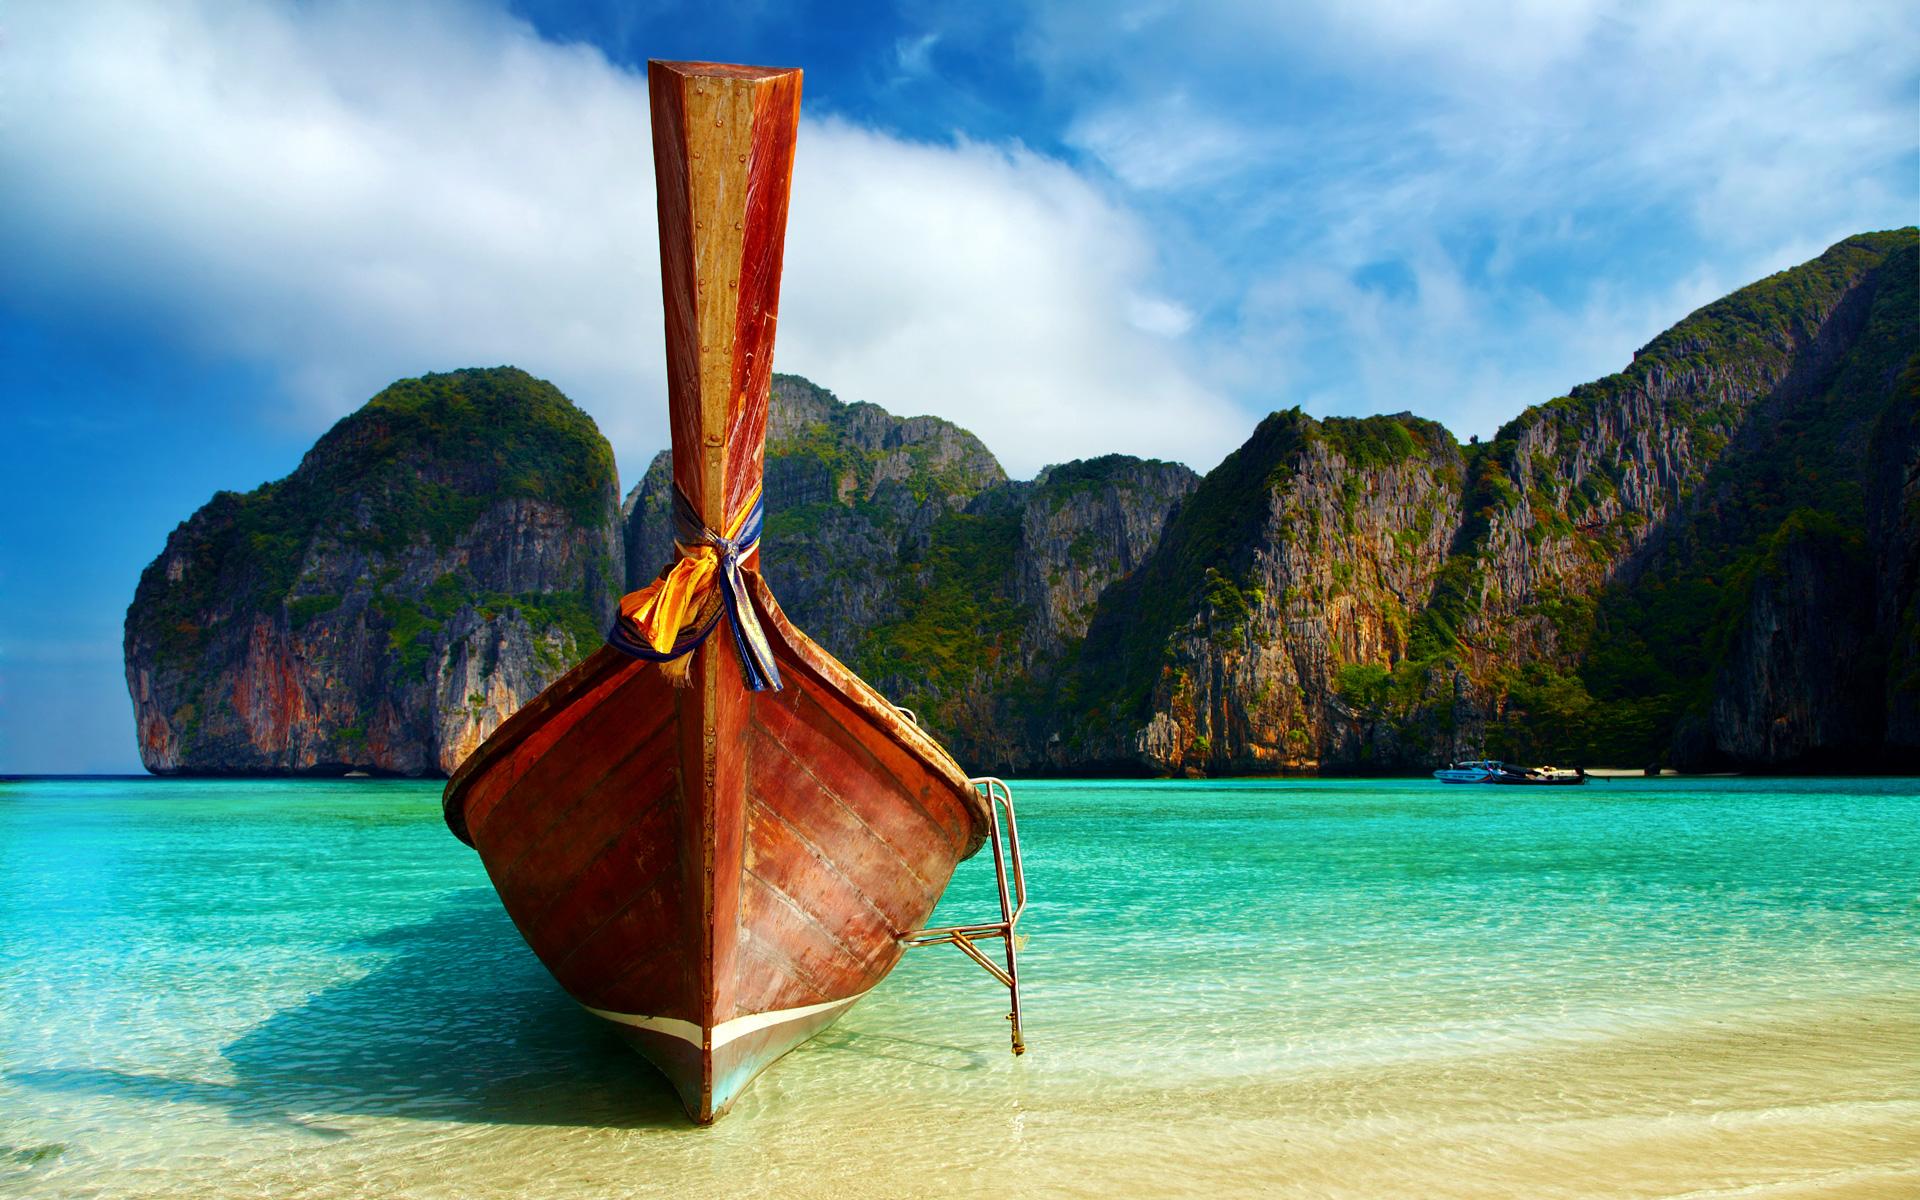 пляж, корабль, песок, море, парусная лодка, скачать фото обои на рабочий стол